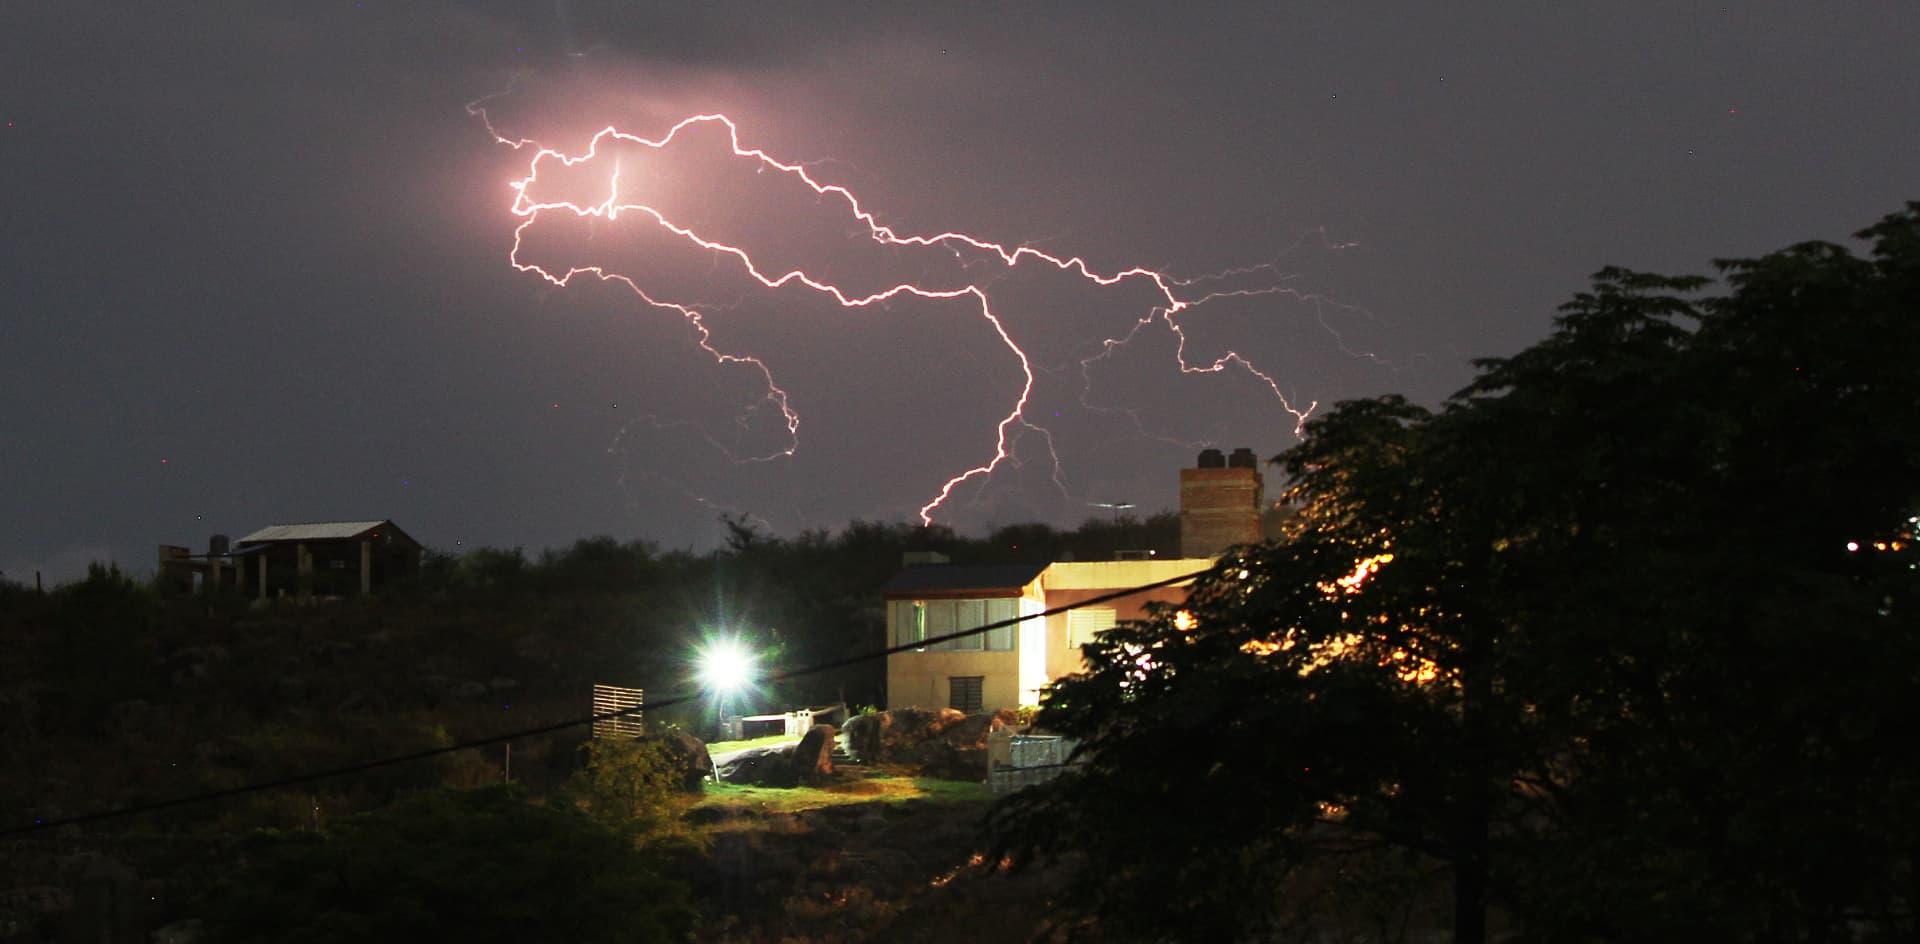 En Córdoba se originarían las tormentas más intensas del mundo